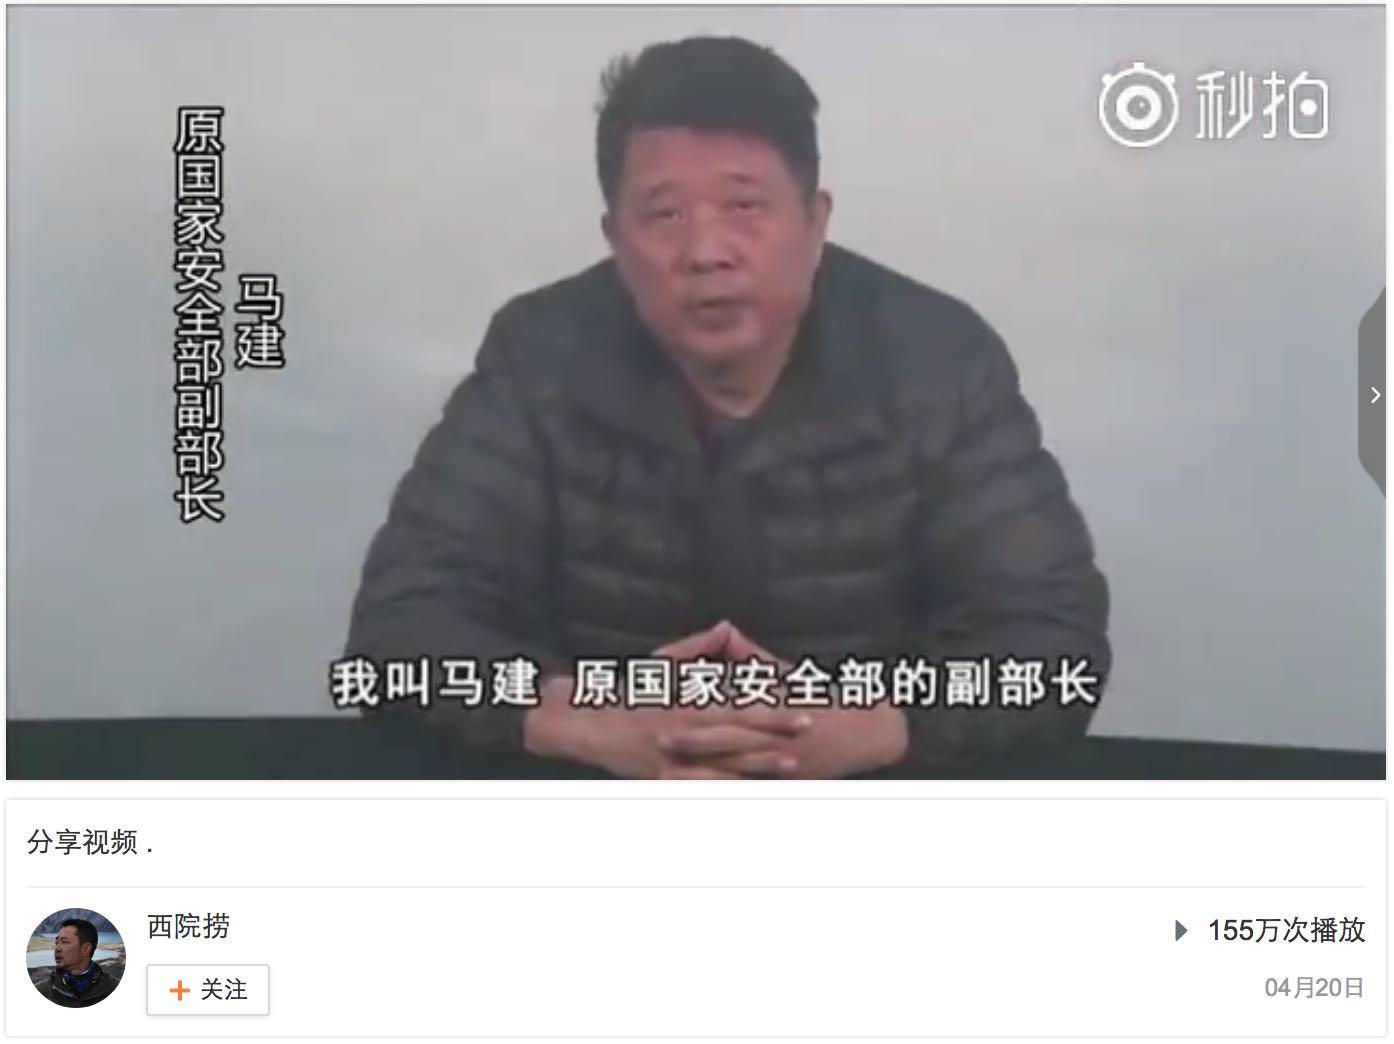 【立此存照】疑似原安全部副部长马建视频在墙内传播无阻